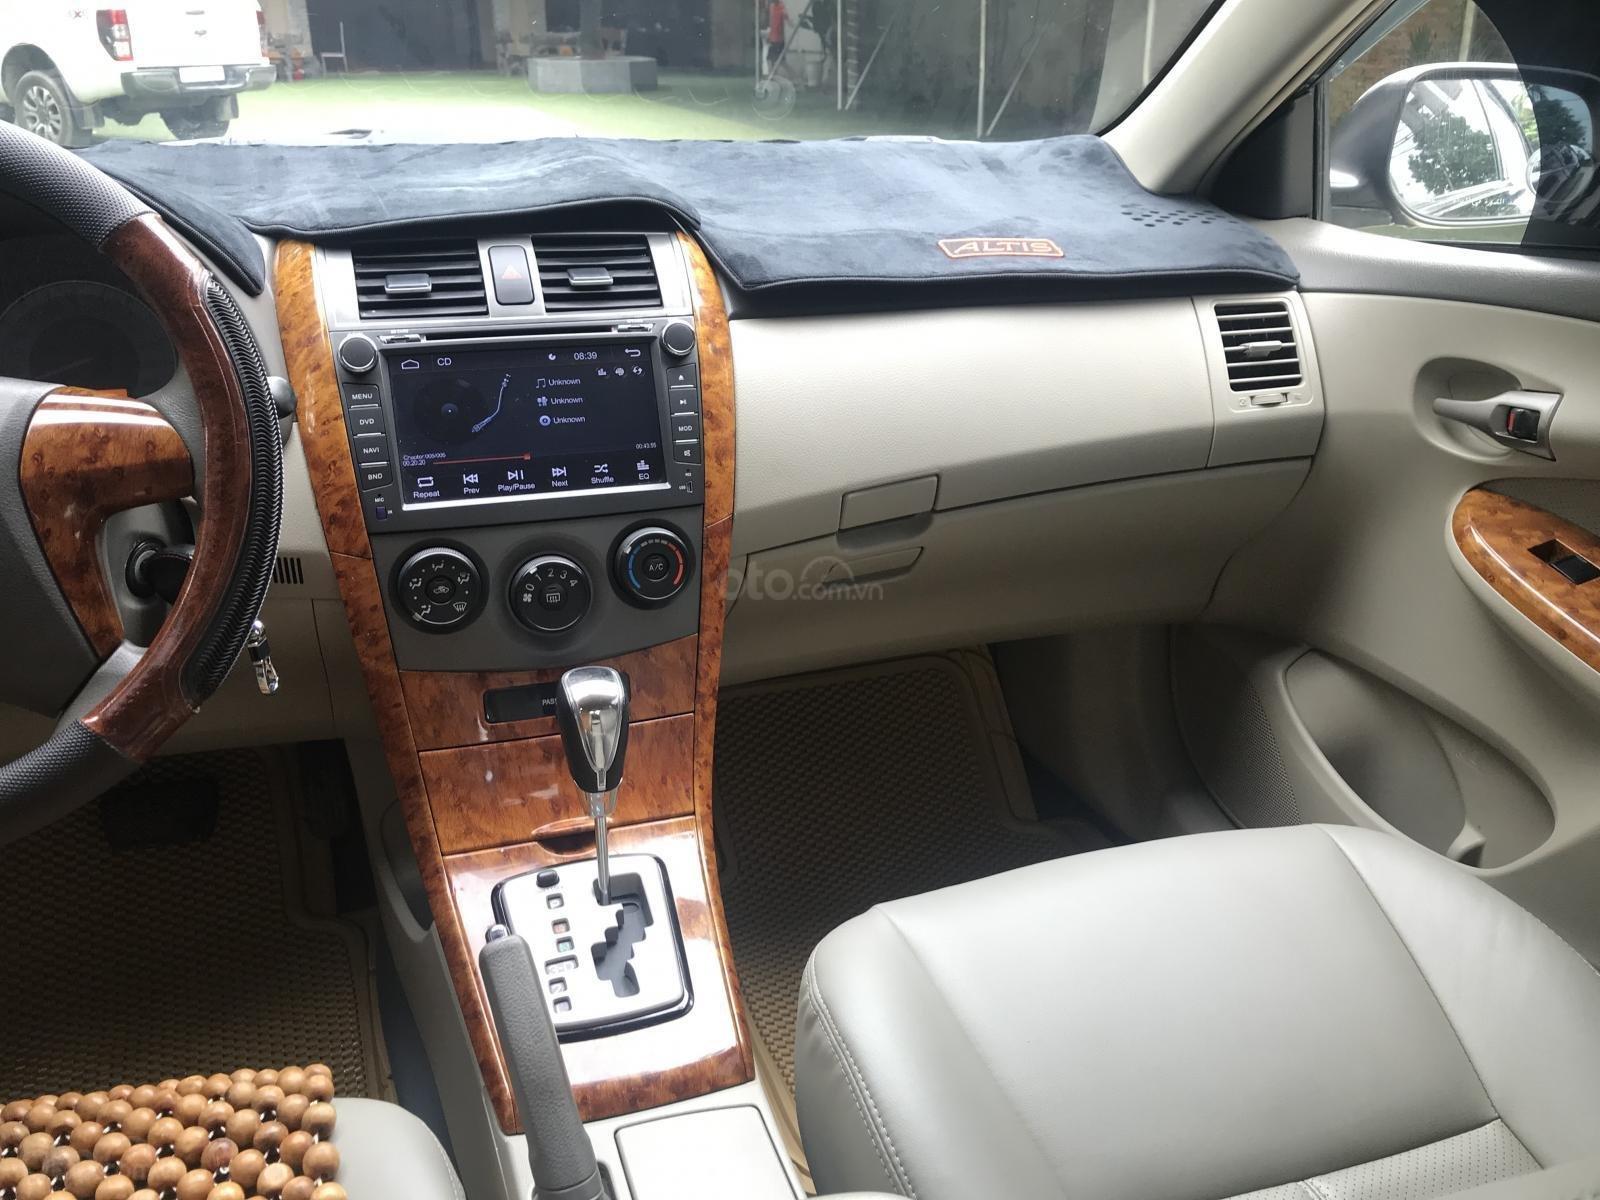 Bán Corolla 1.6L, tự động, sản xuất 2010, ĐK 12/2010, chinh chủ-7